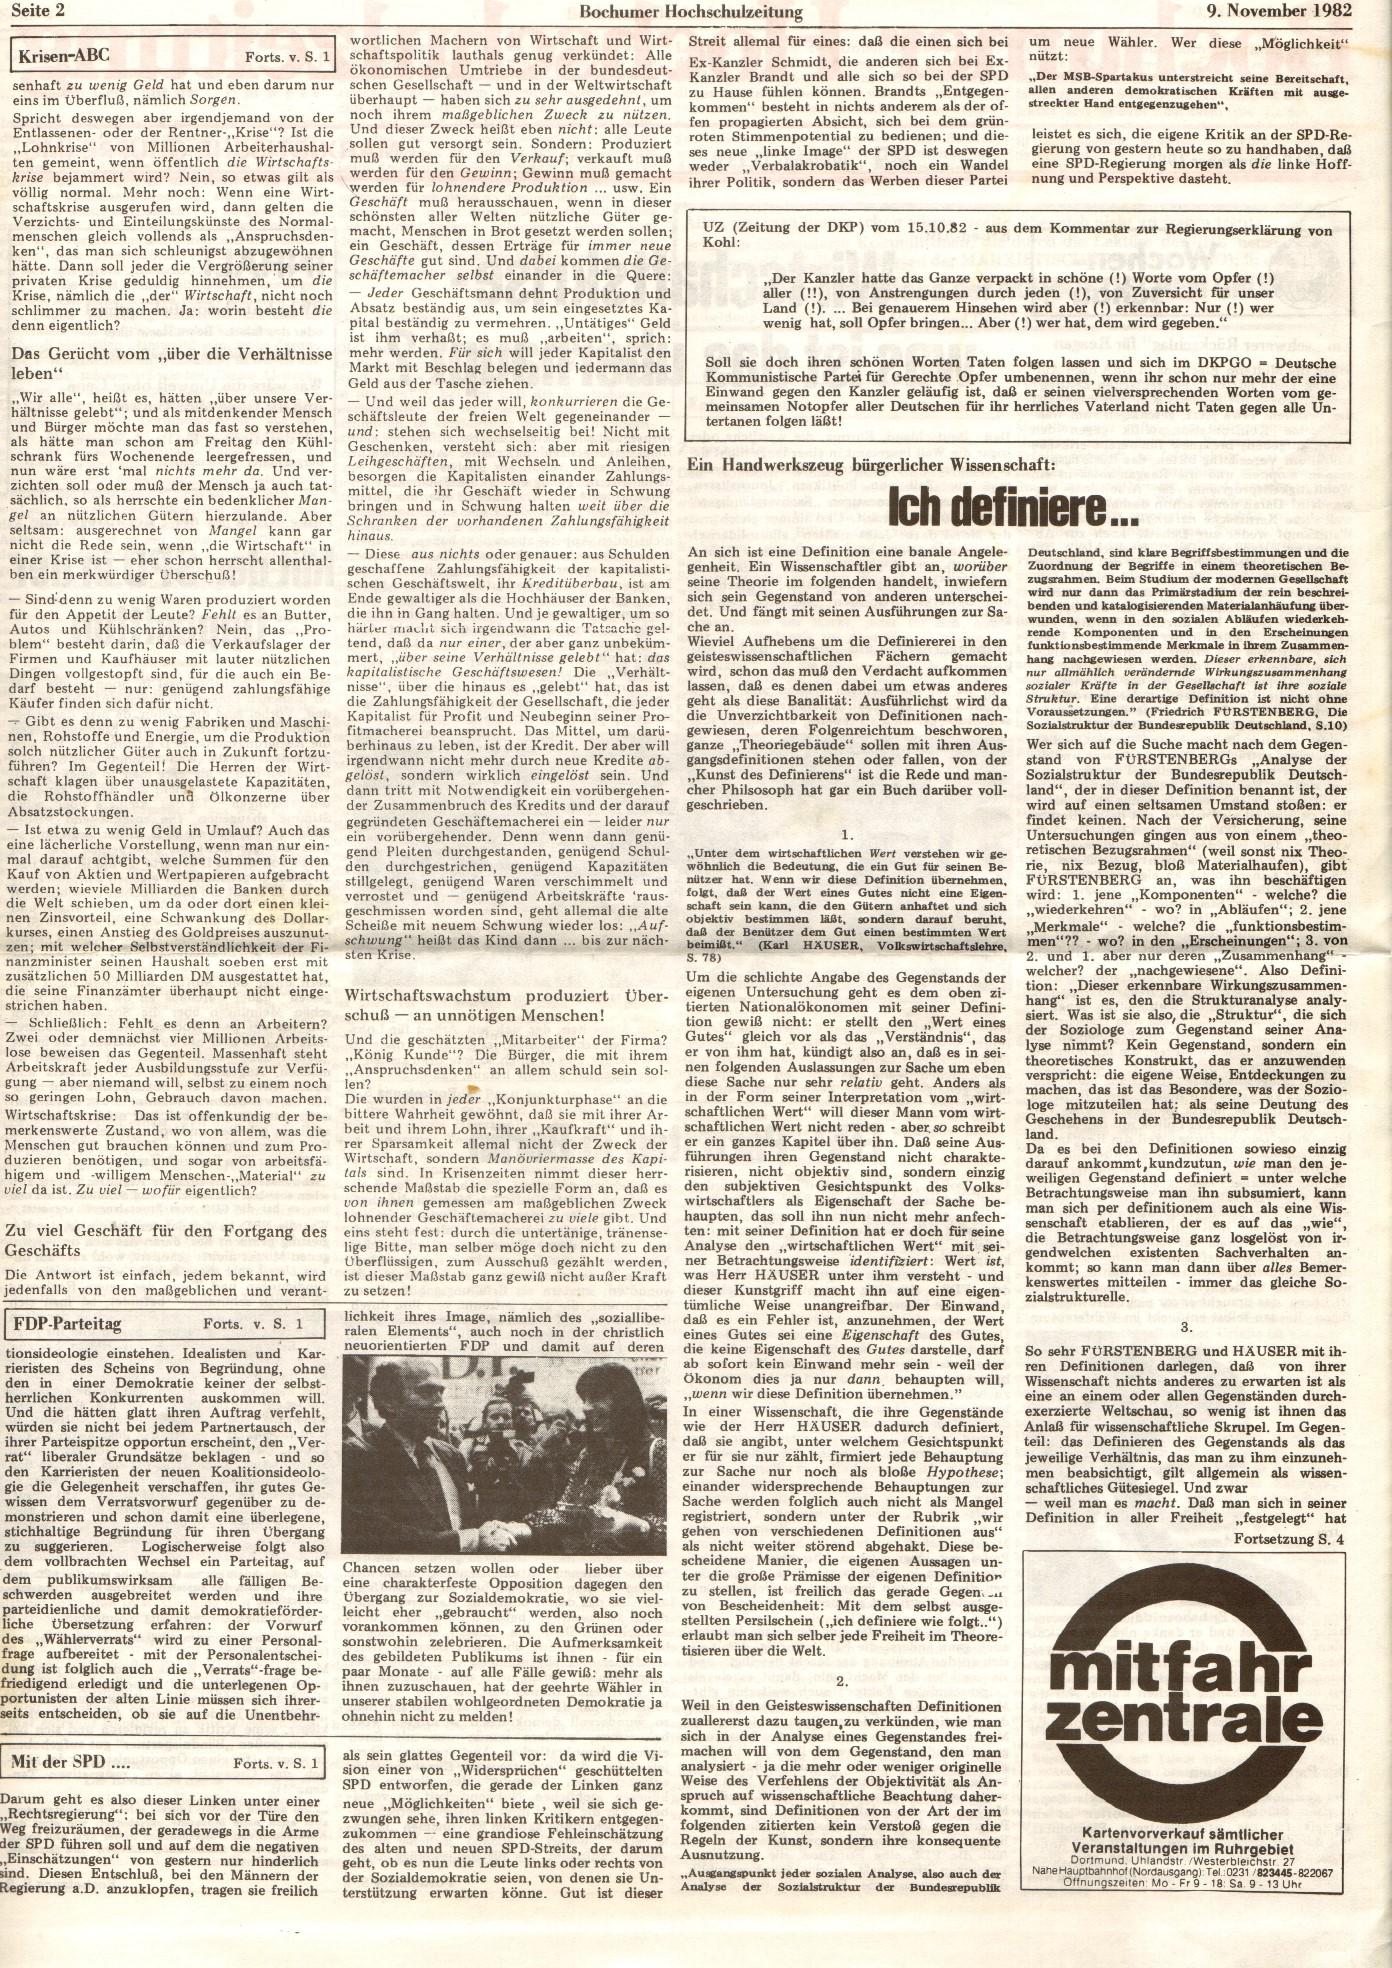 MG_Bochumer_Hochschulzeitung_19821109_02